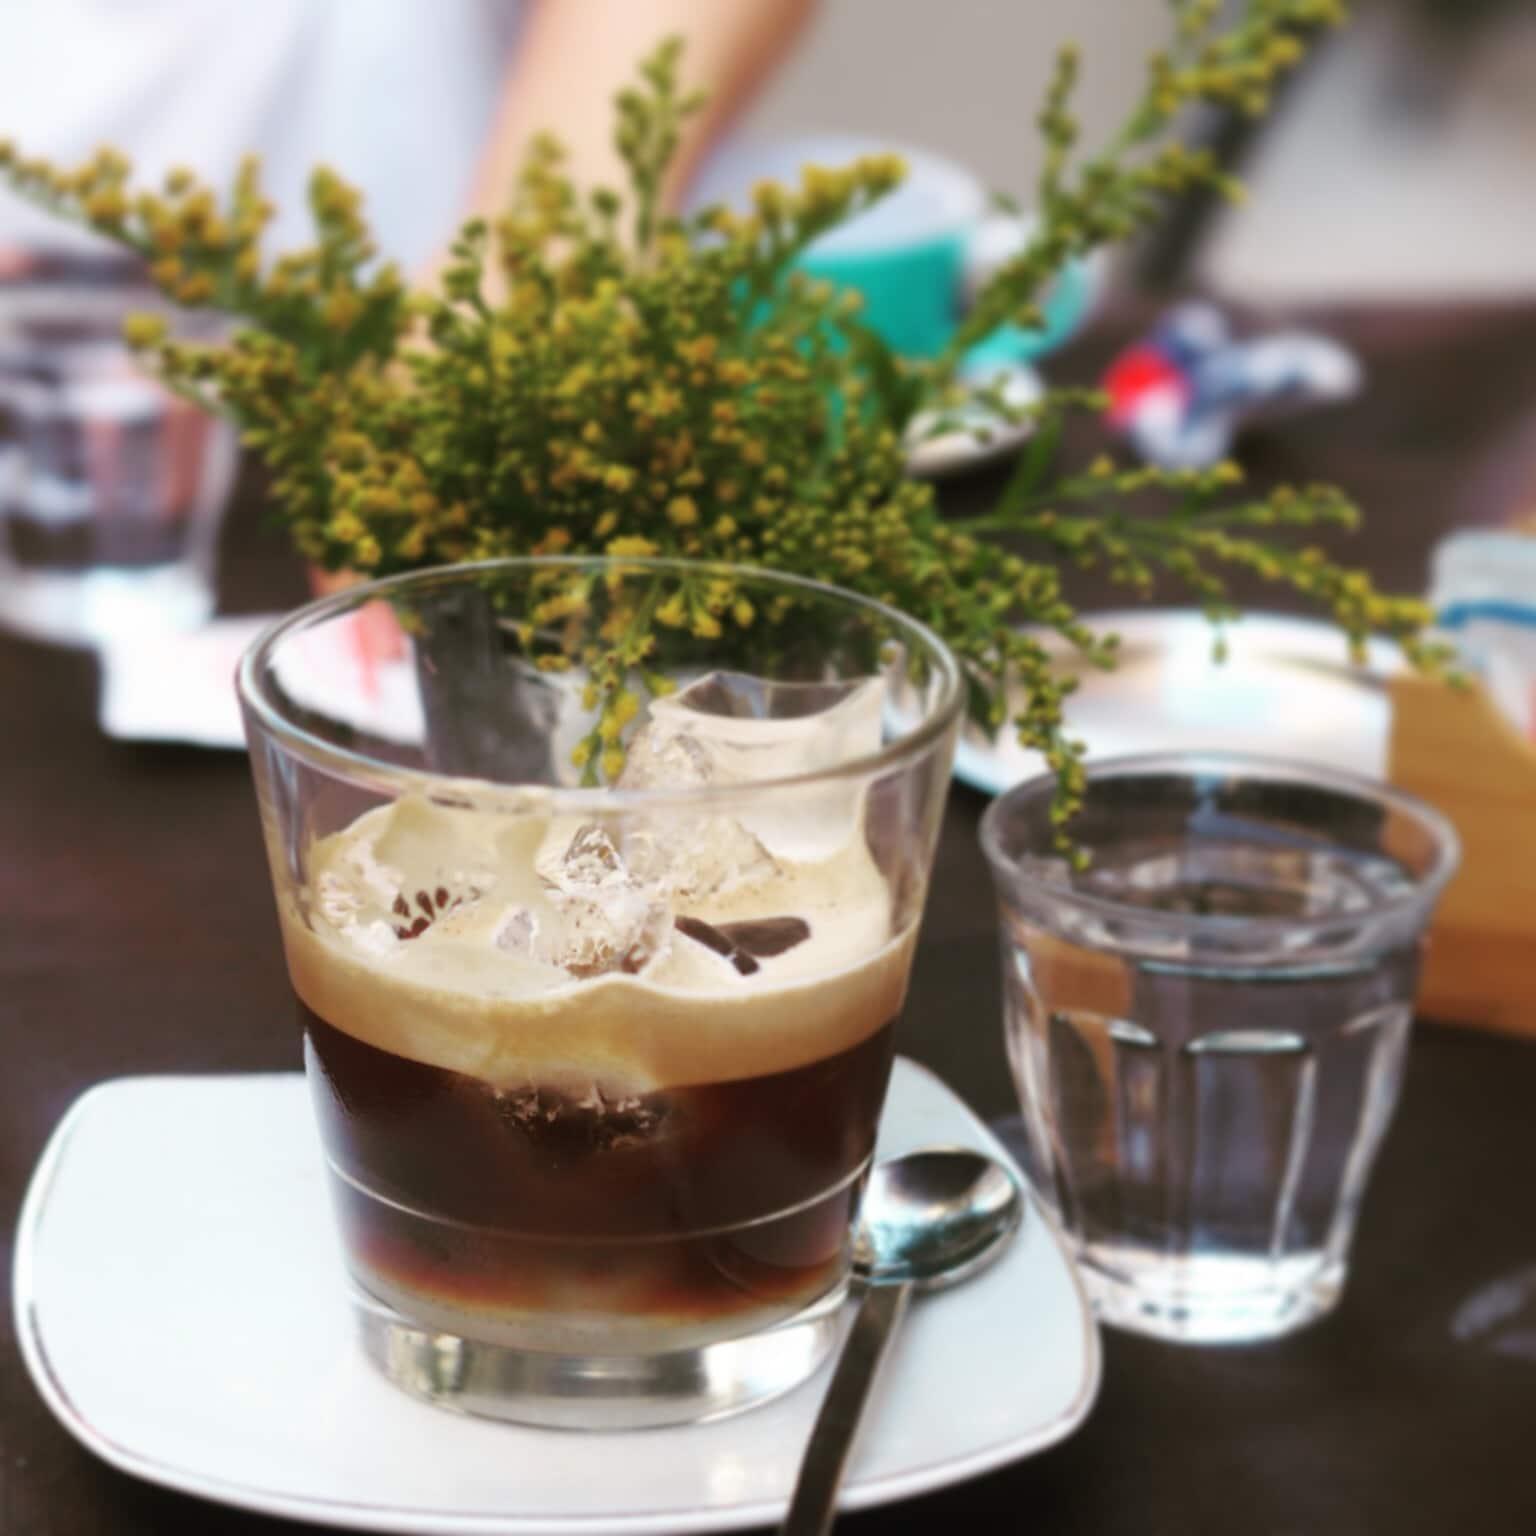 Il caffè in ghiaccio con latte di mandorla